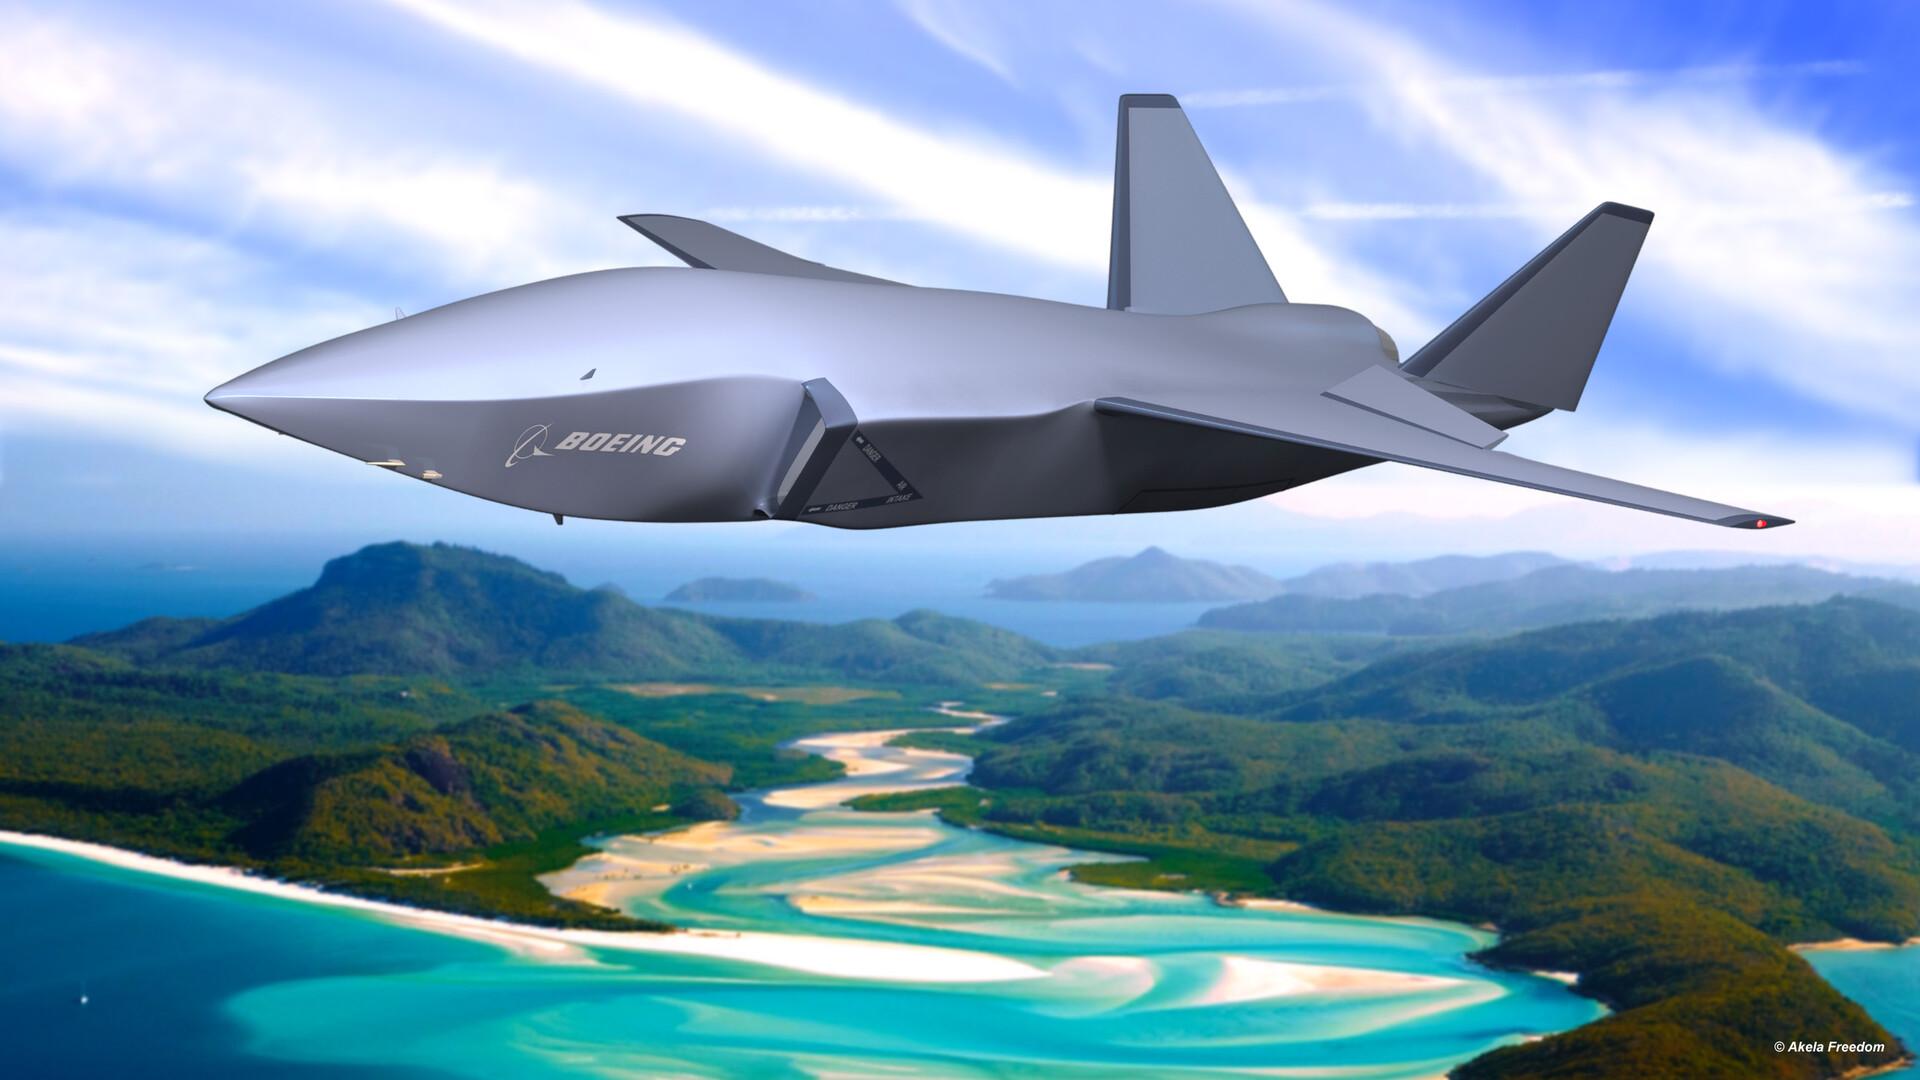 Обои дрон, аппарат, беспилотный, летательный. Авиация foto 17